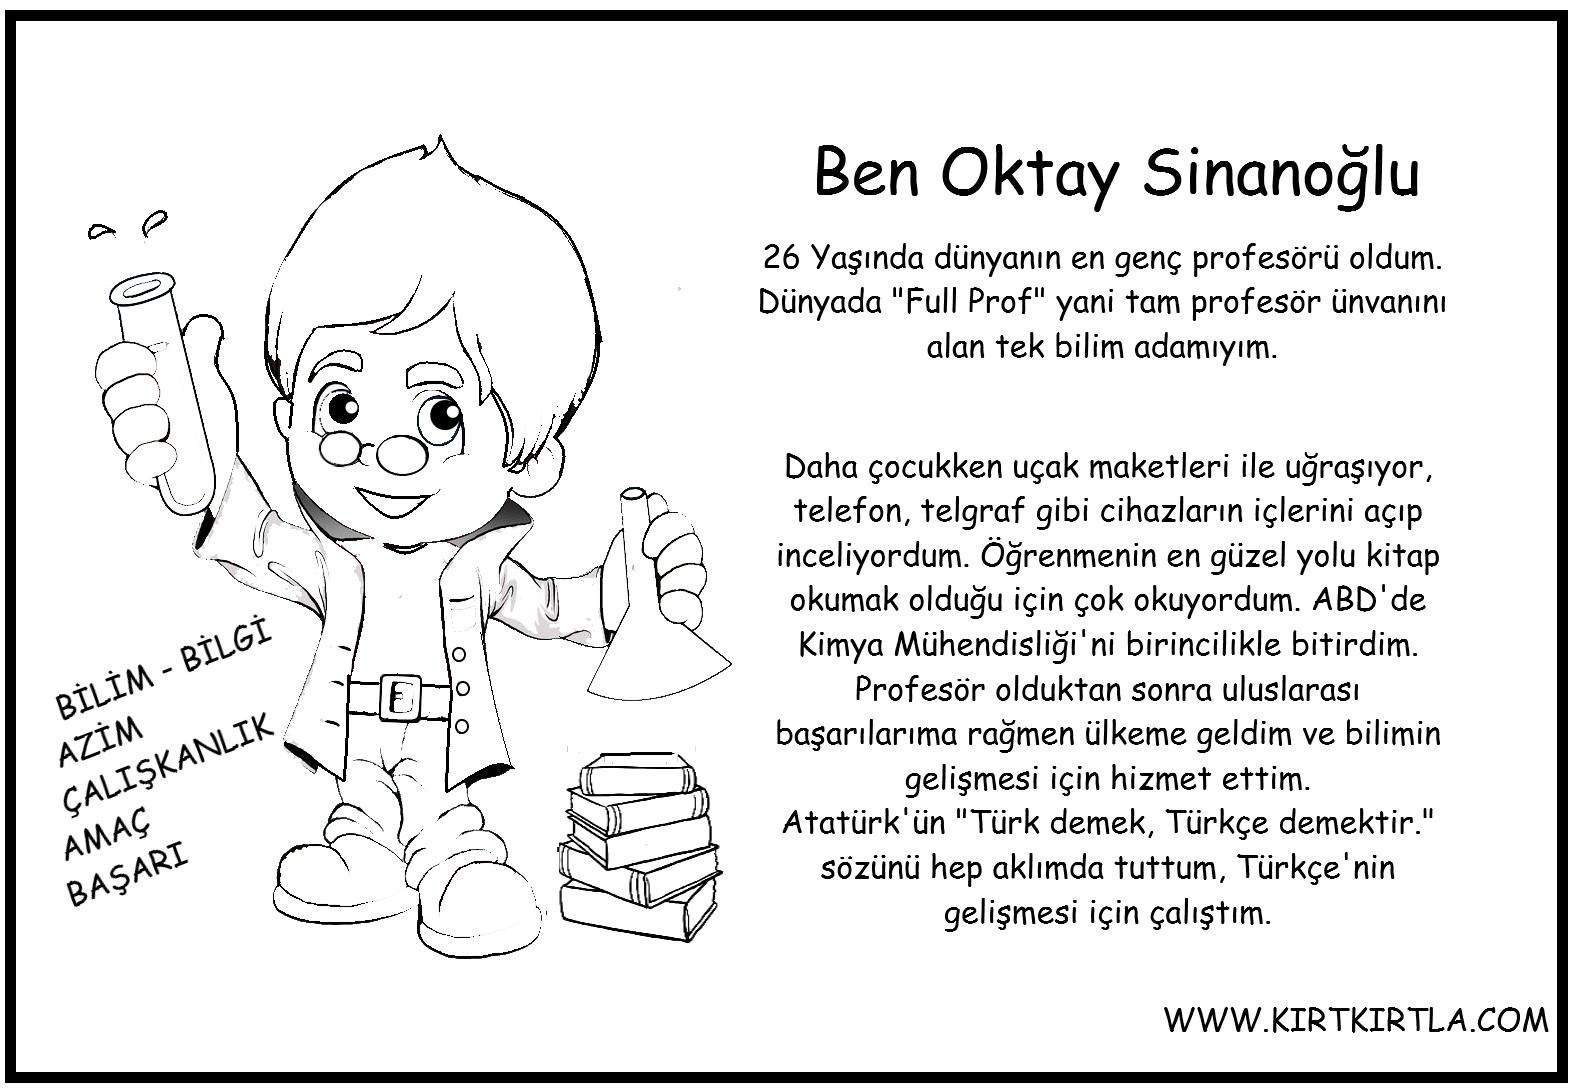 Oktay Sinanoğlu Boyama Ve Bilgi Sayfasi Kirtkirtla